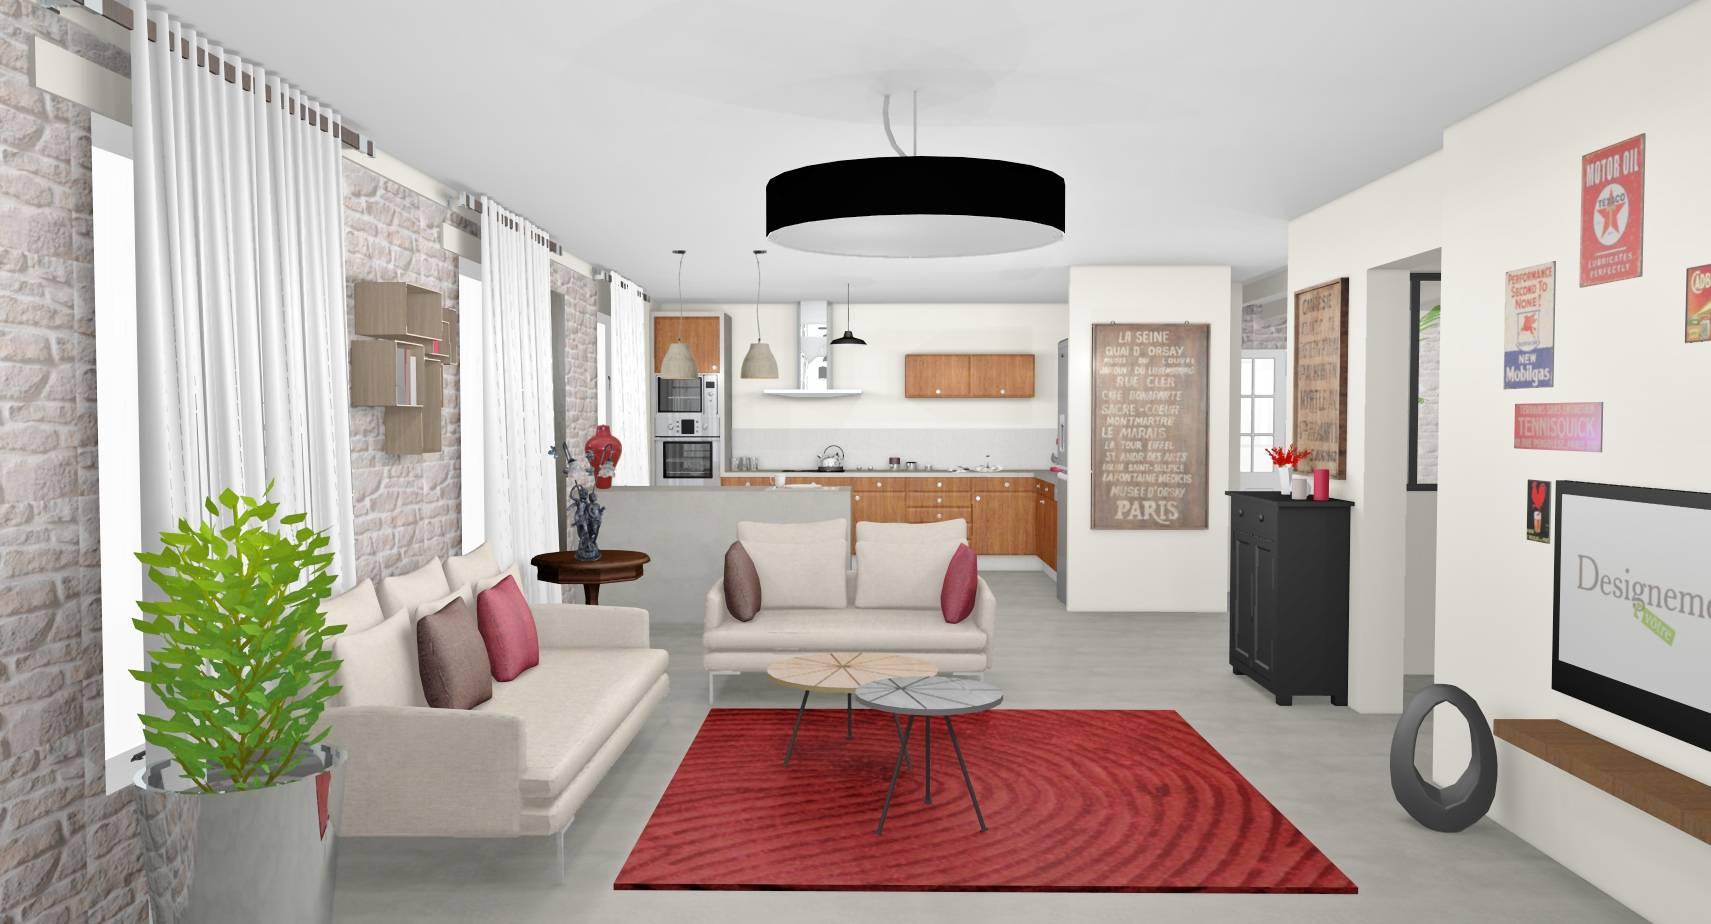 Cuisine Maison Campagne décoration d'une maison complète à linas (91) - designement